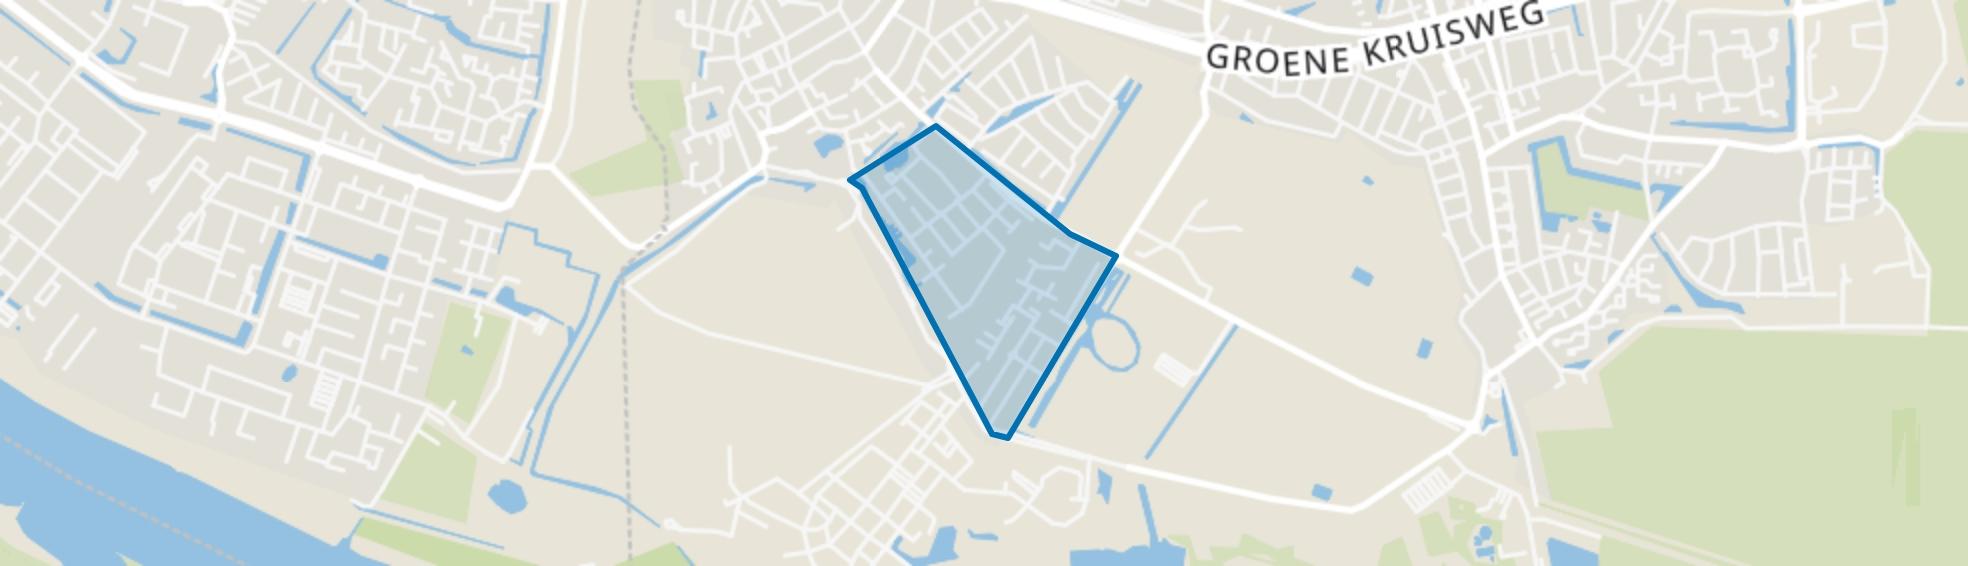 Poortugaal Zuid, Poortugaal map